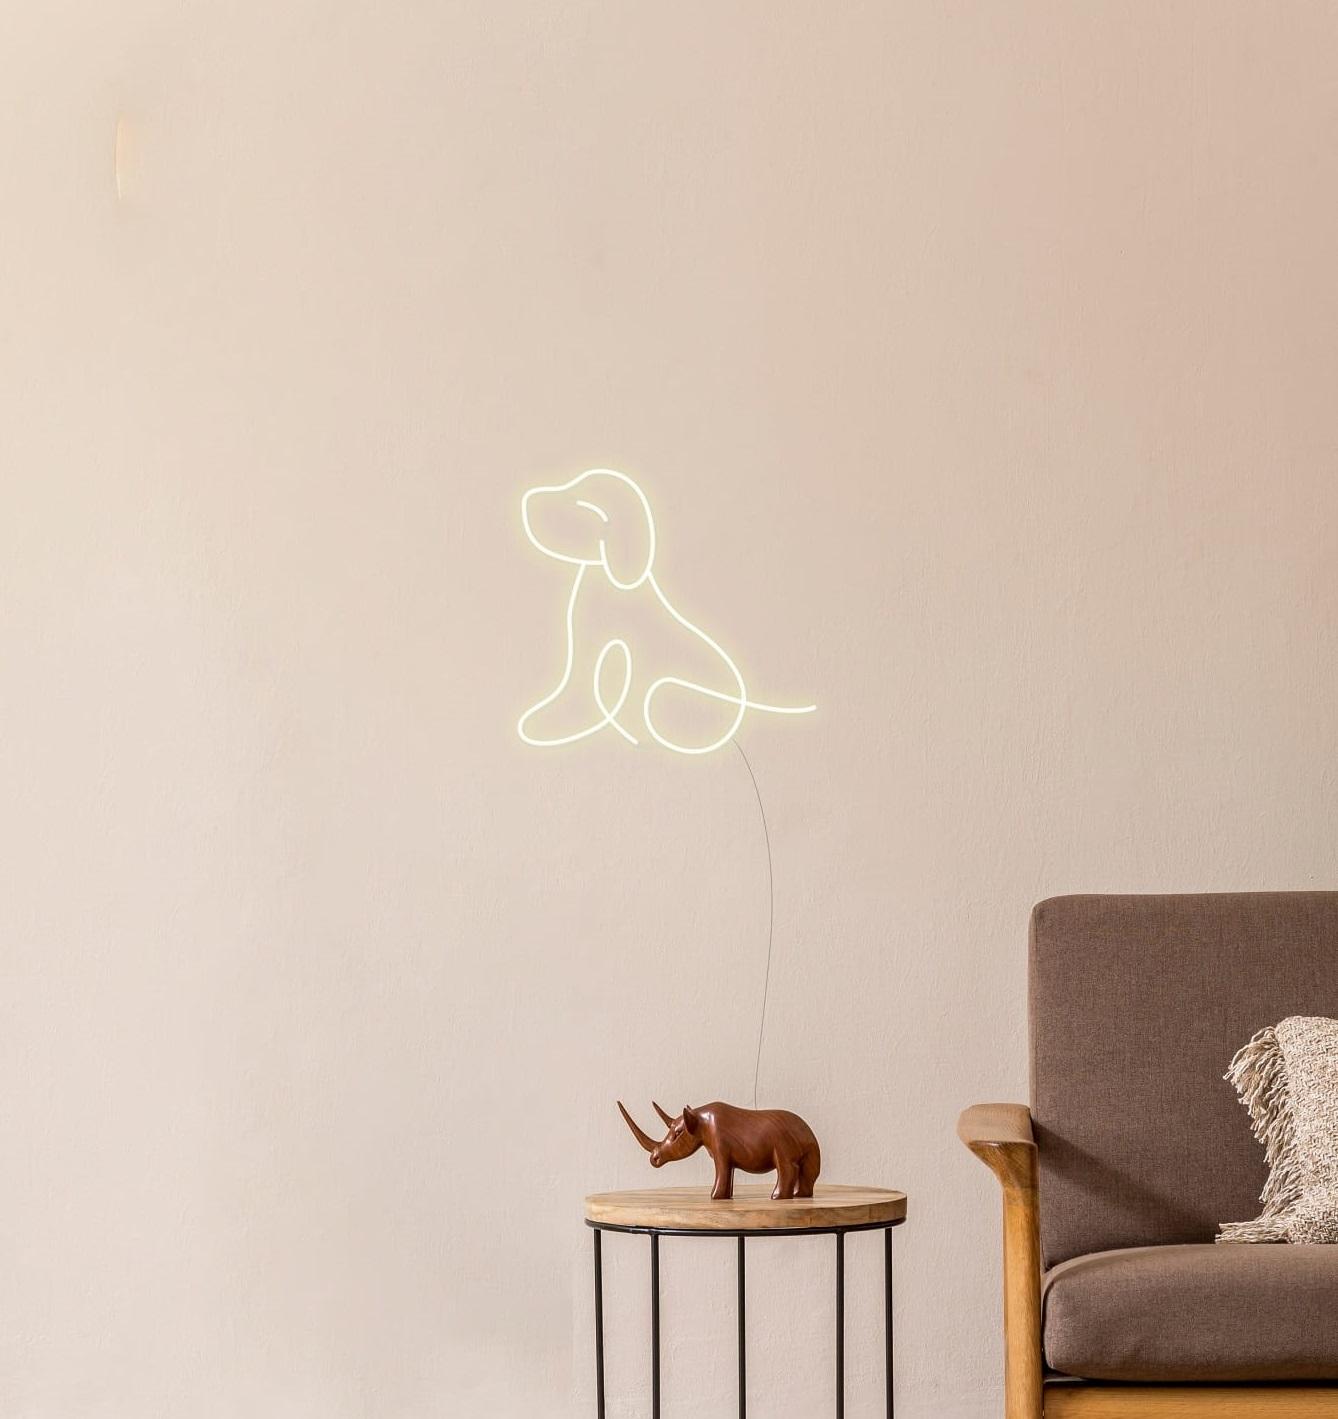 puppy neon sign